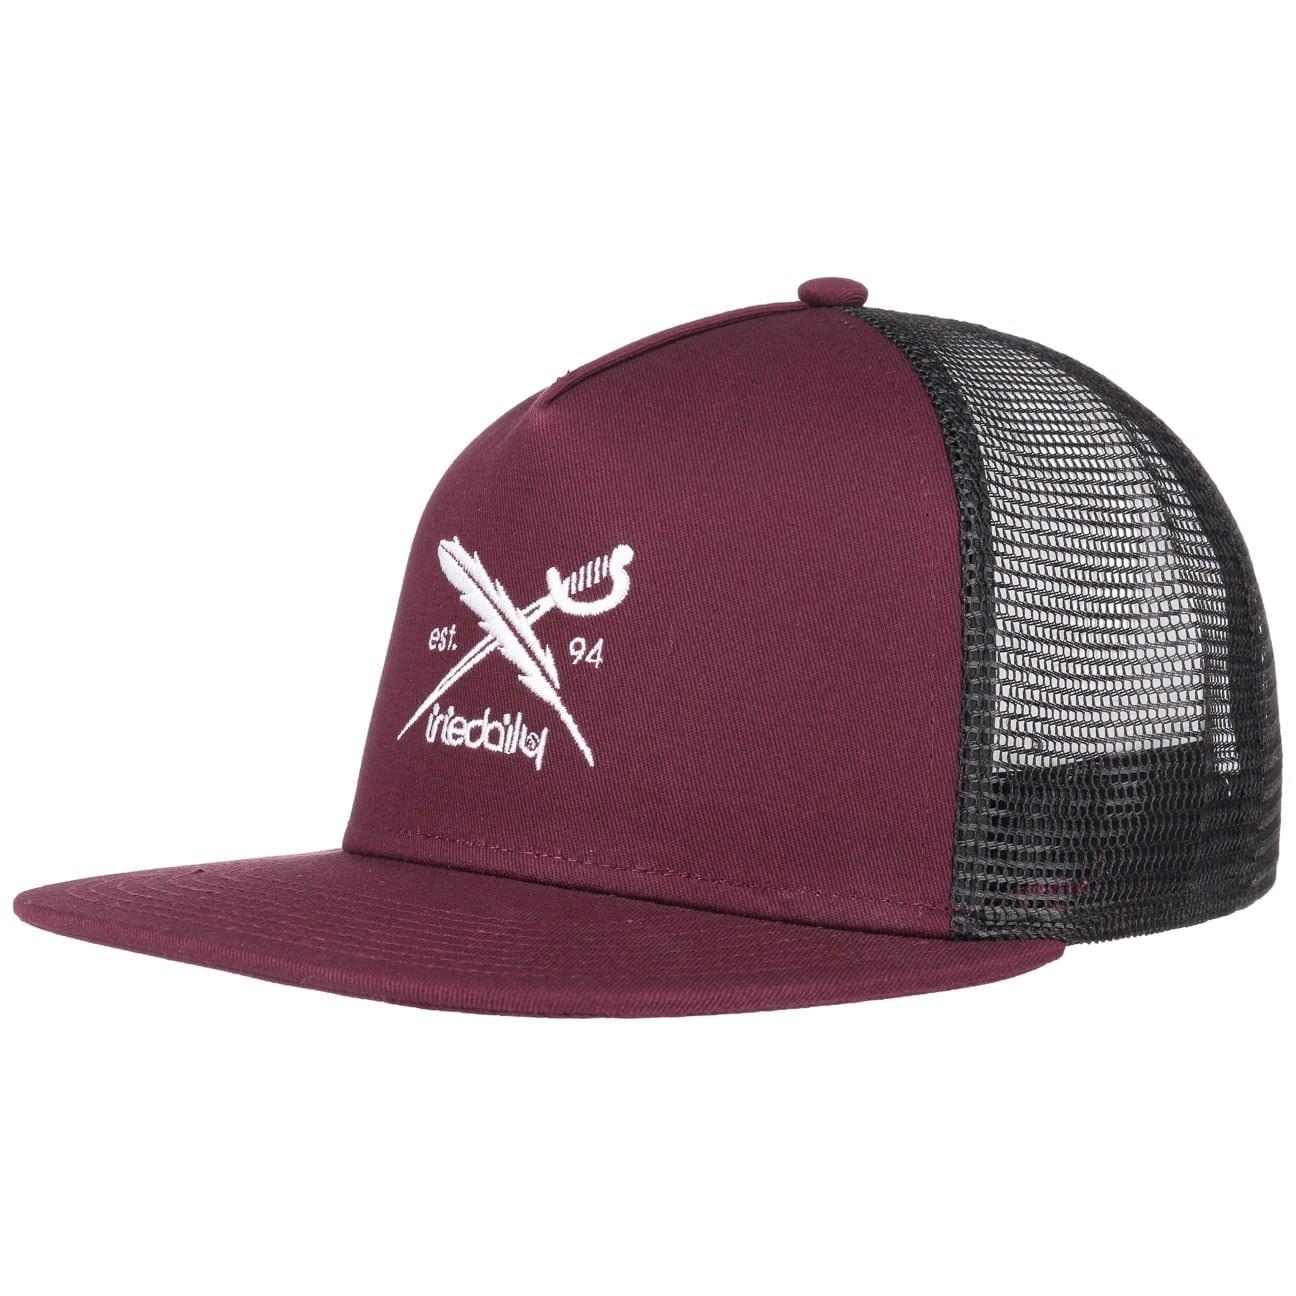 Casquette Trucker City Mesh by iriedaily  casquette de baseball